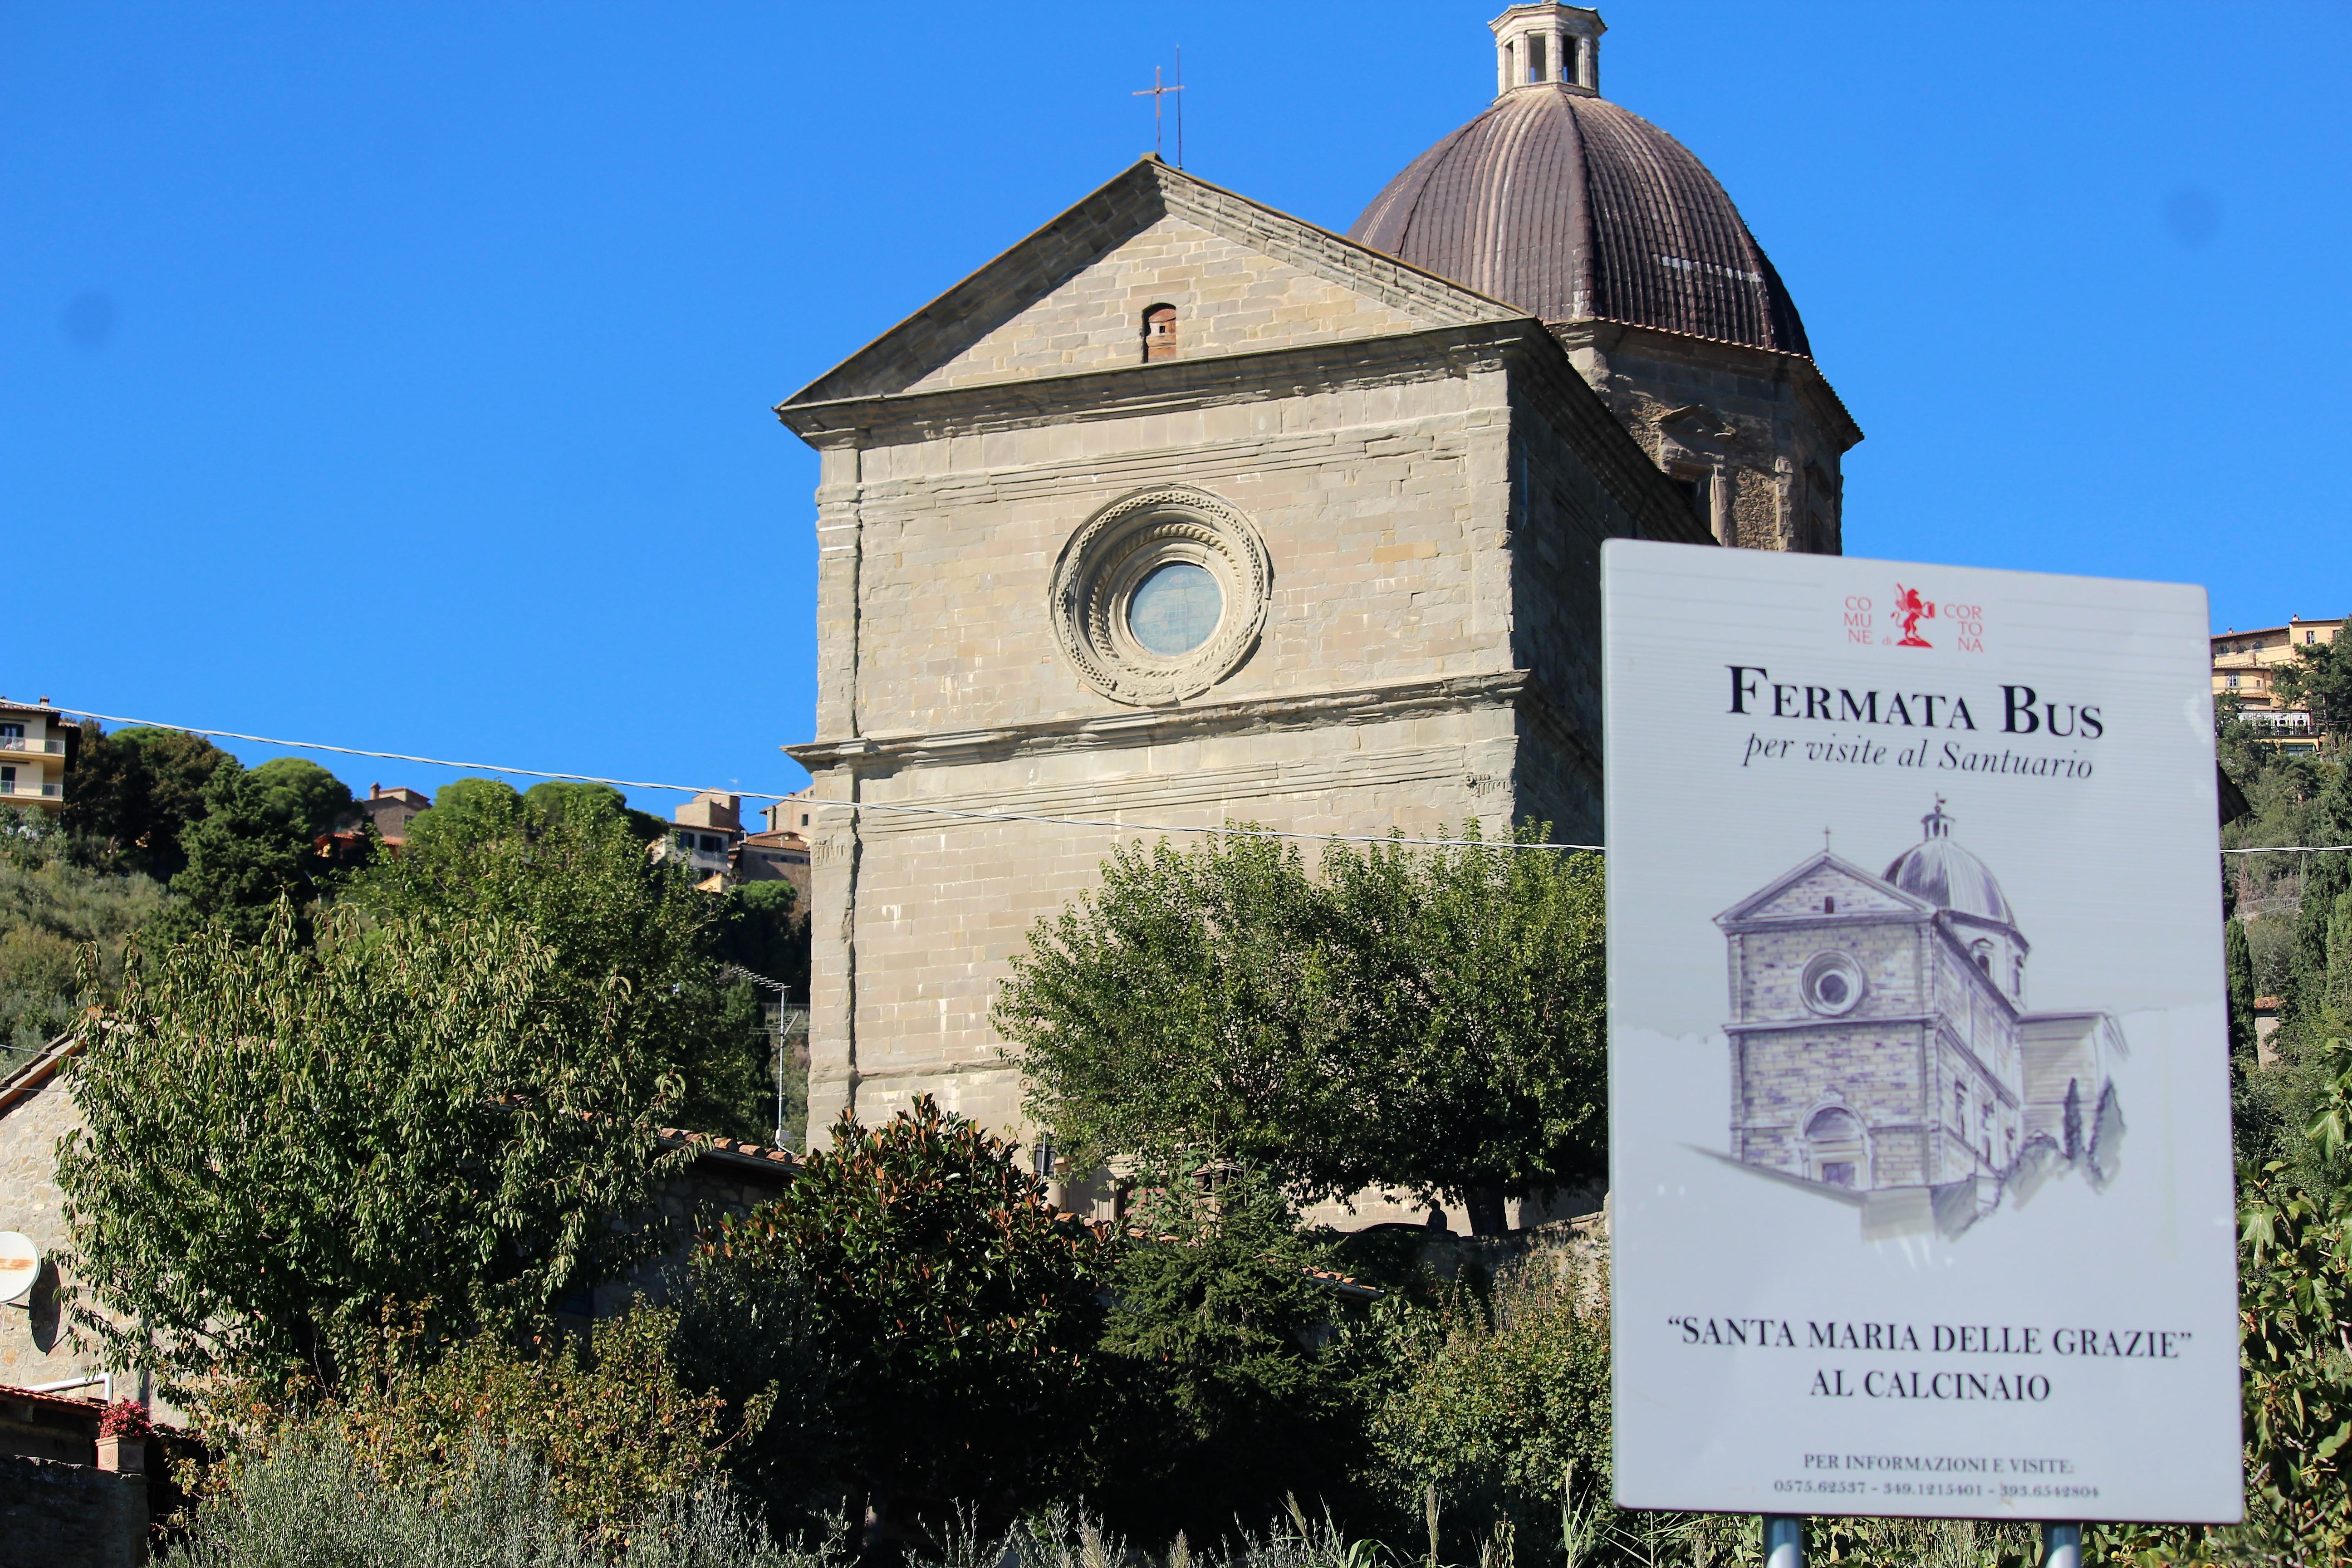 Calcinaio: nota del Parroco e dei parrocchiani